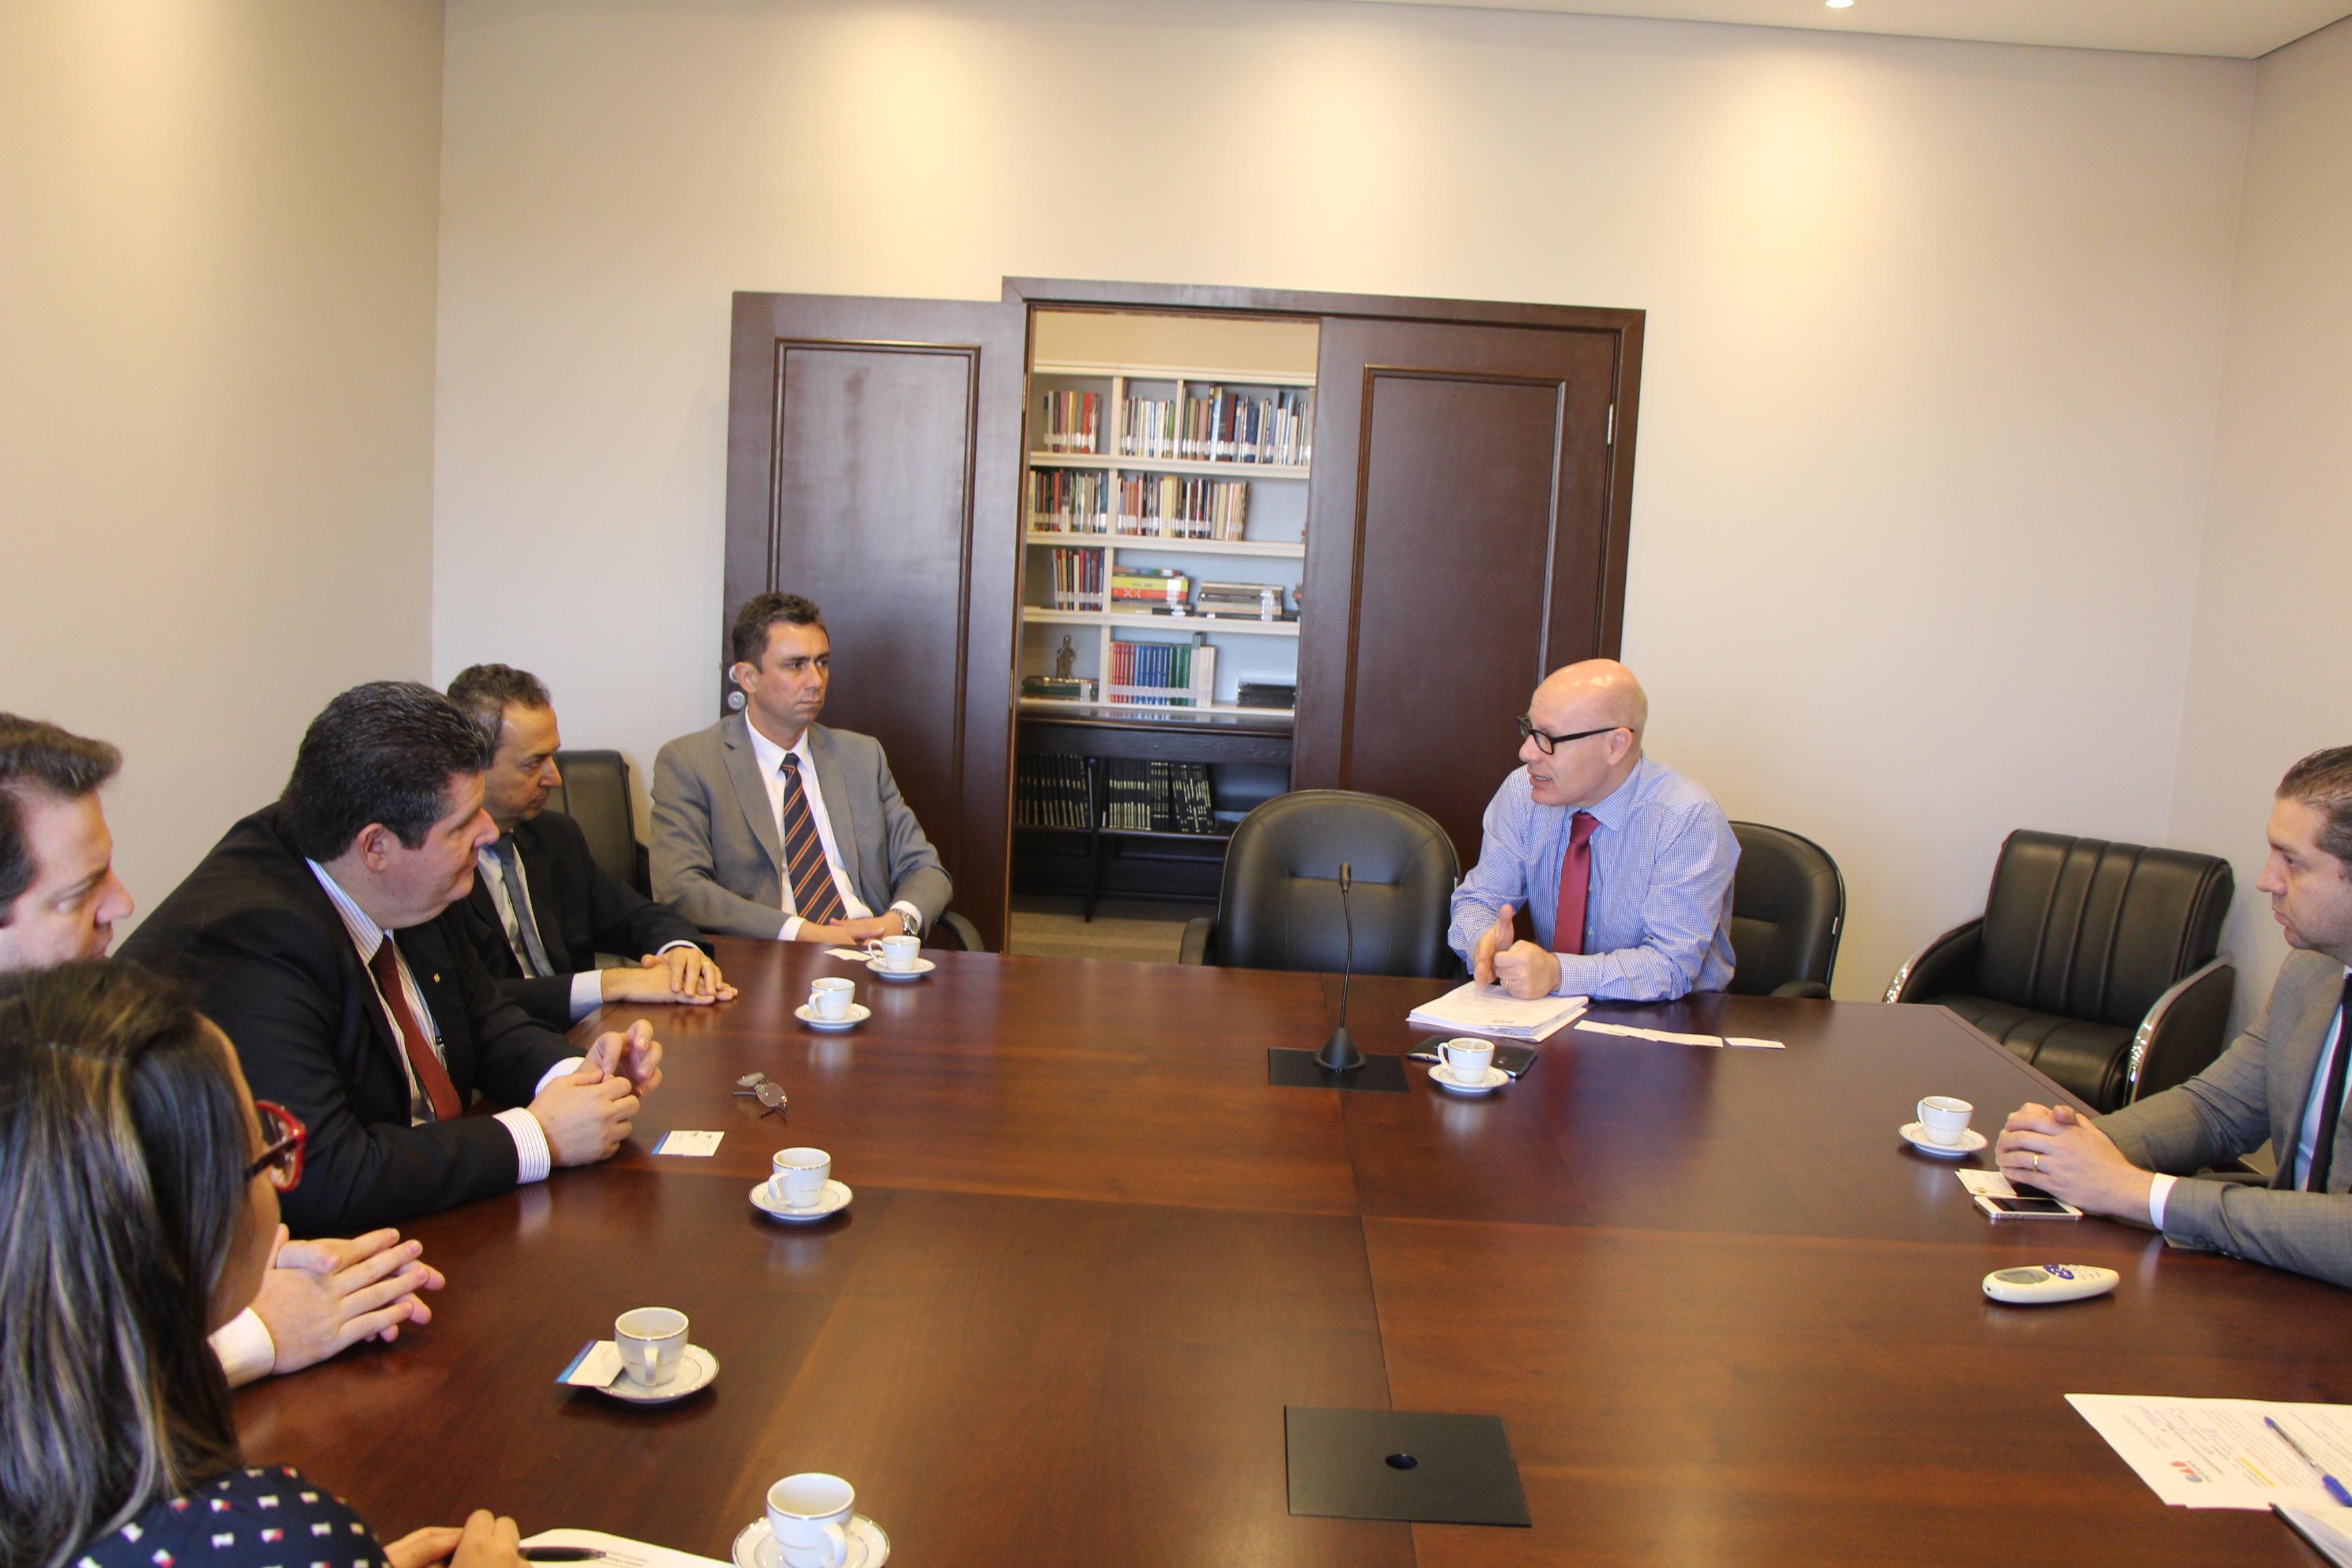 OAB reúne-se com representantes do Banco do Brasil para tratar de questões da advocacia